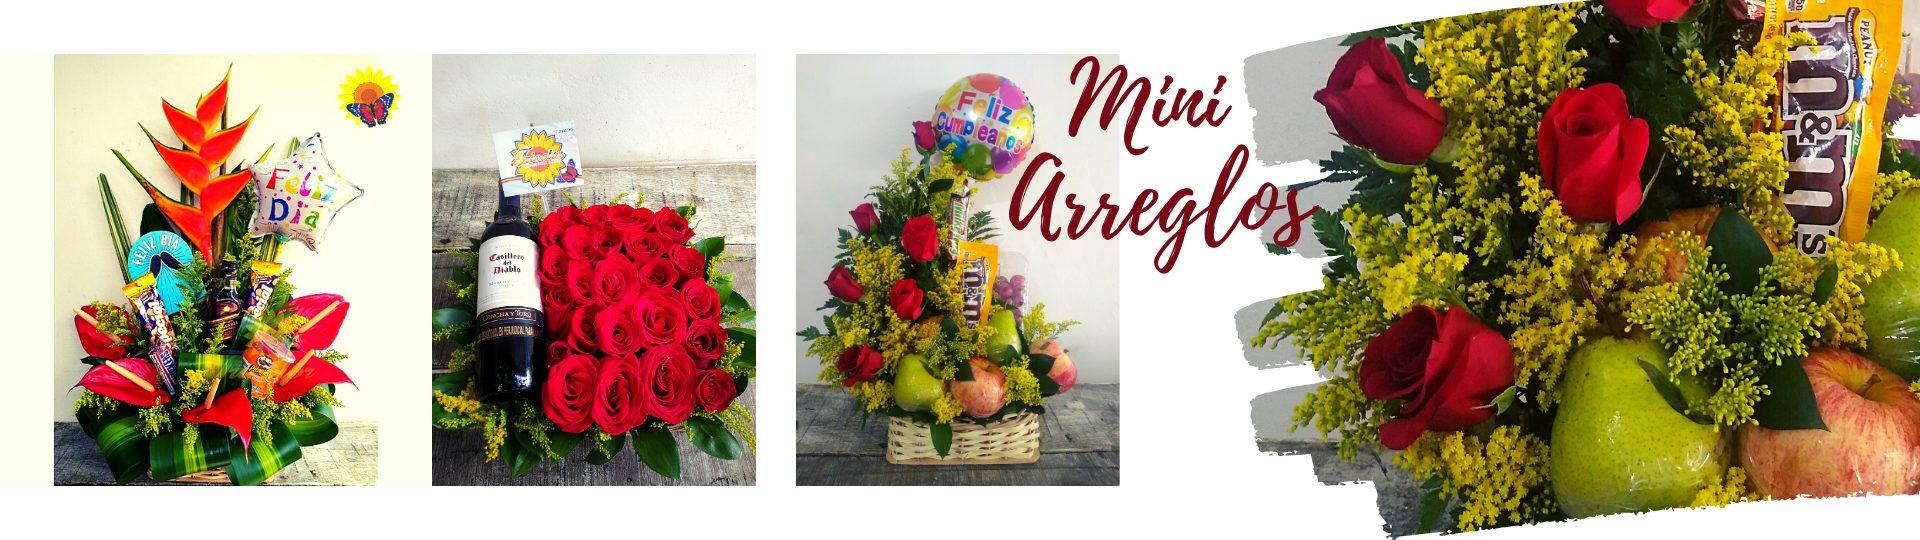 Mini Arreglos florales